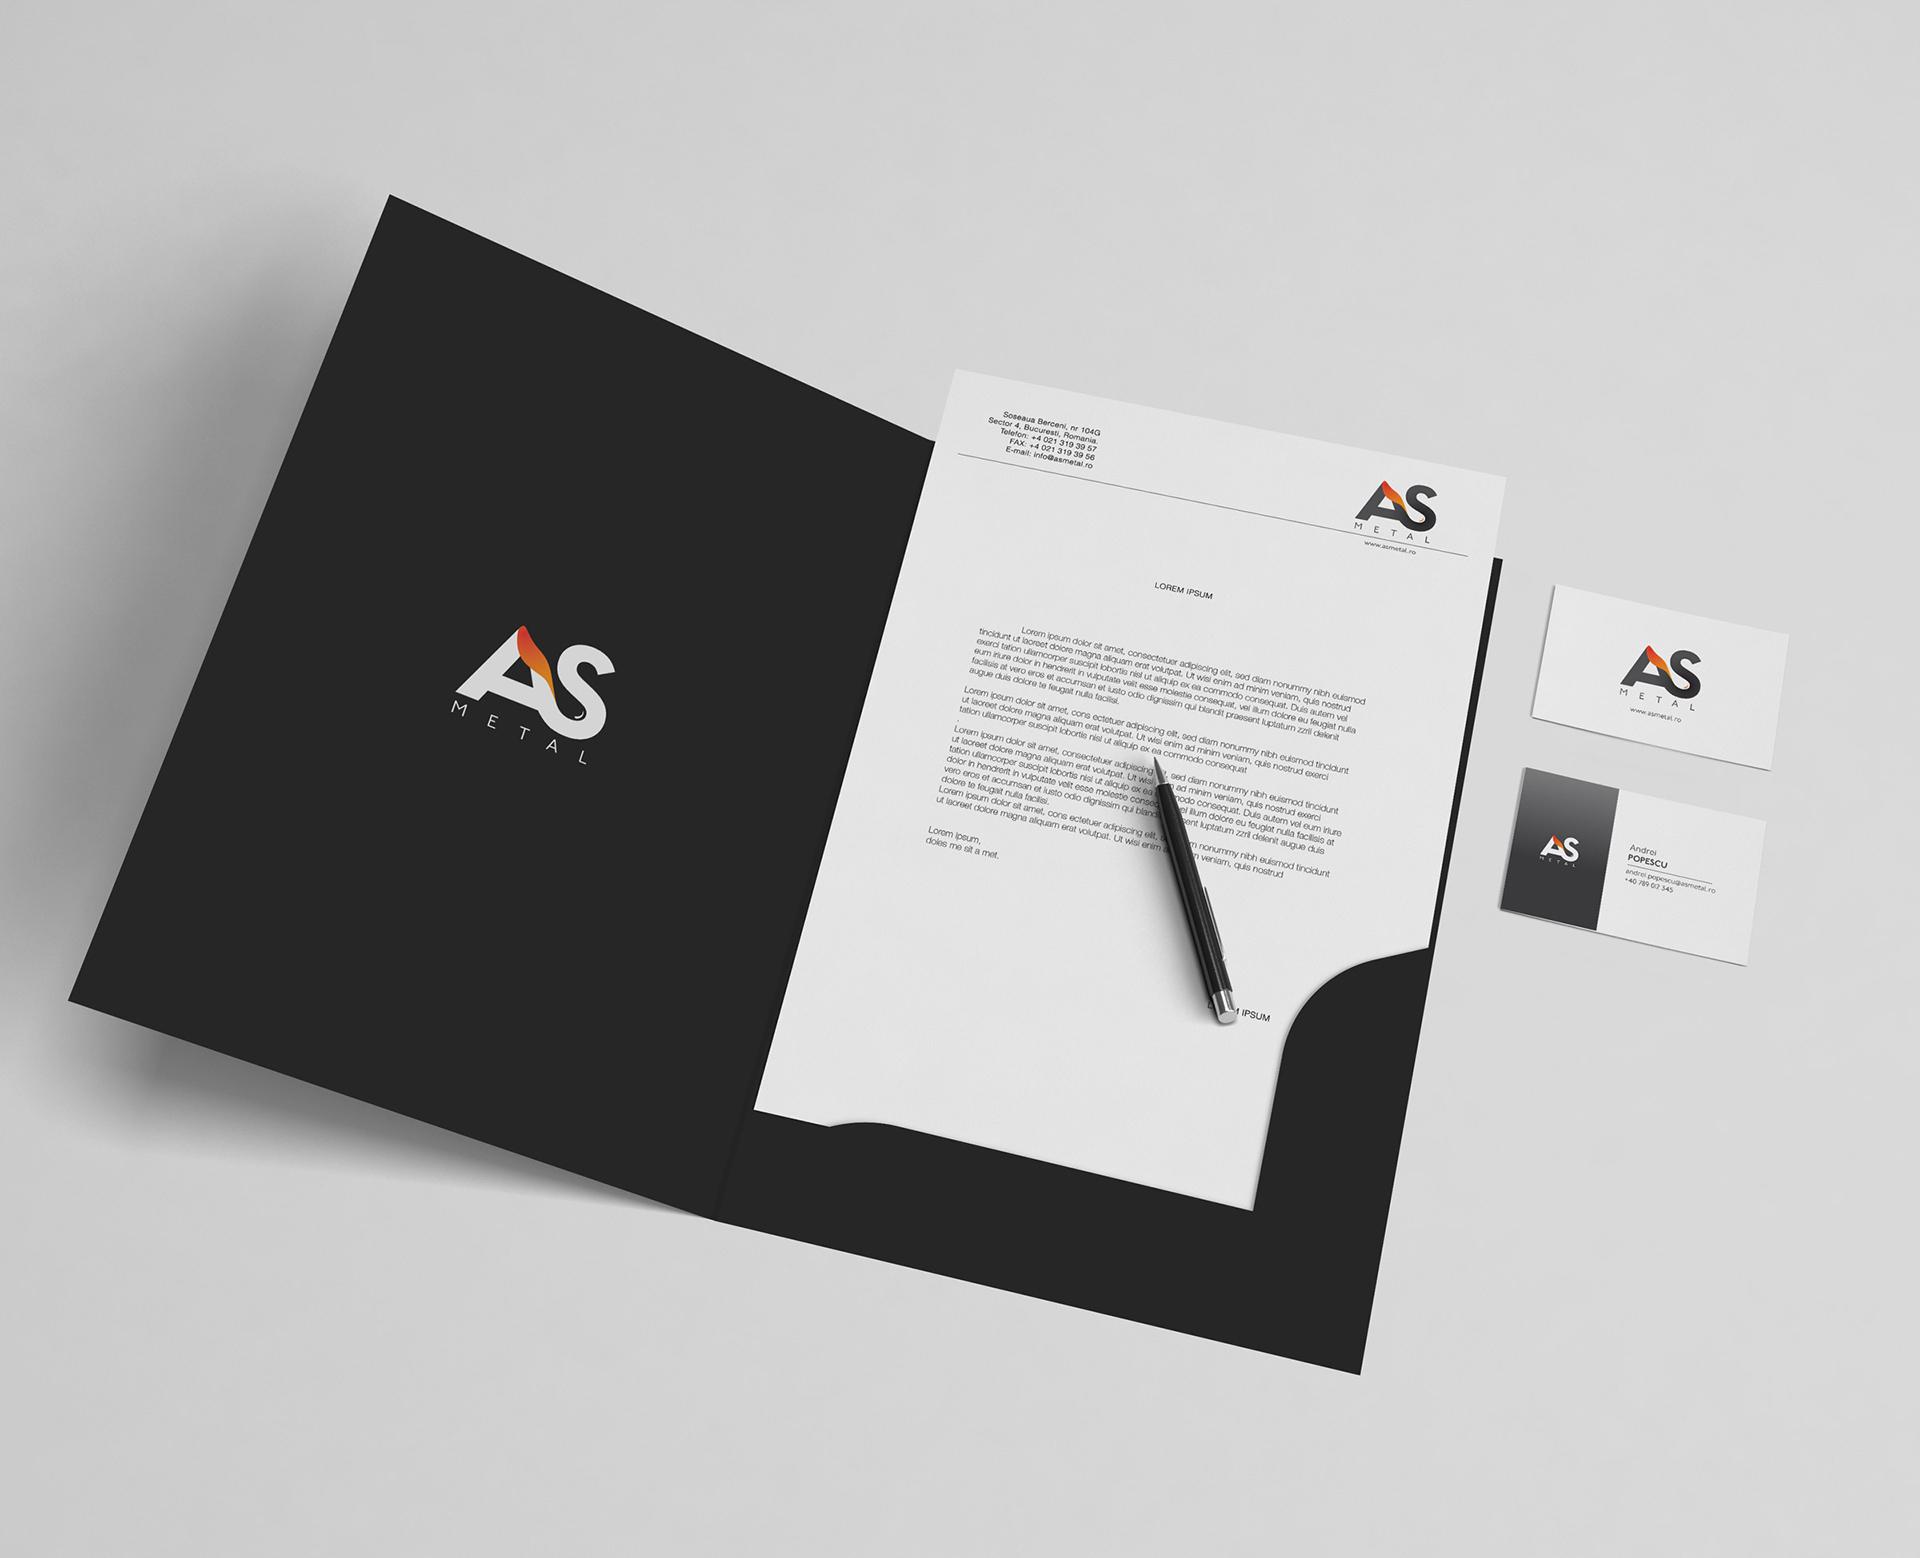 asmetal-(1)